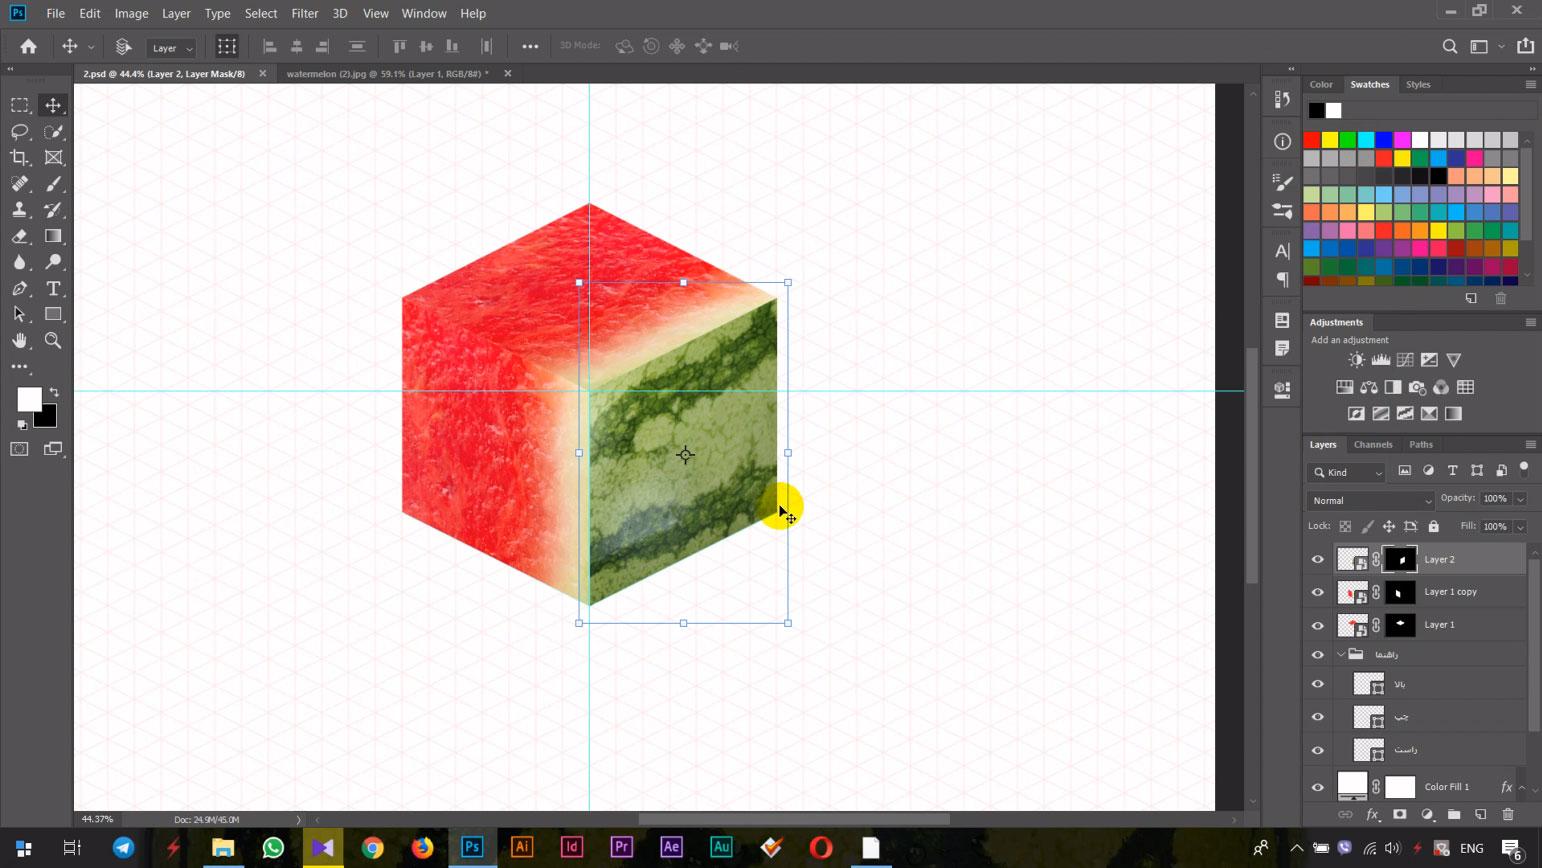 طراحی فتوشاپ ایزومتریک هندوانه